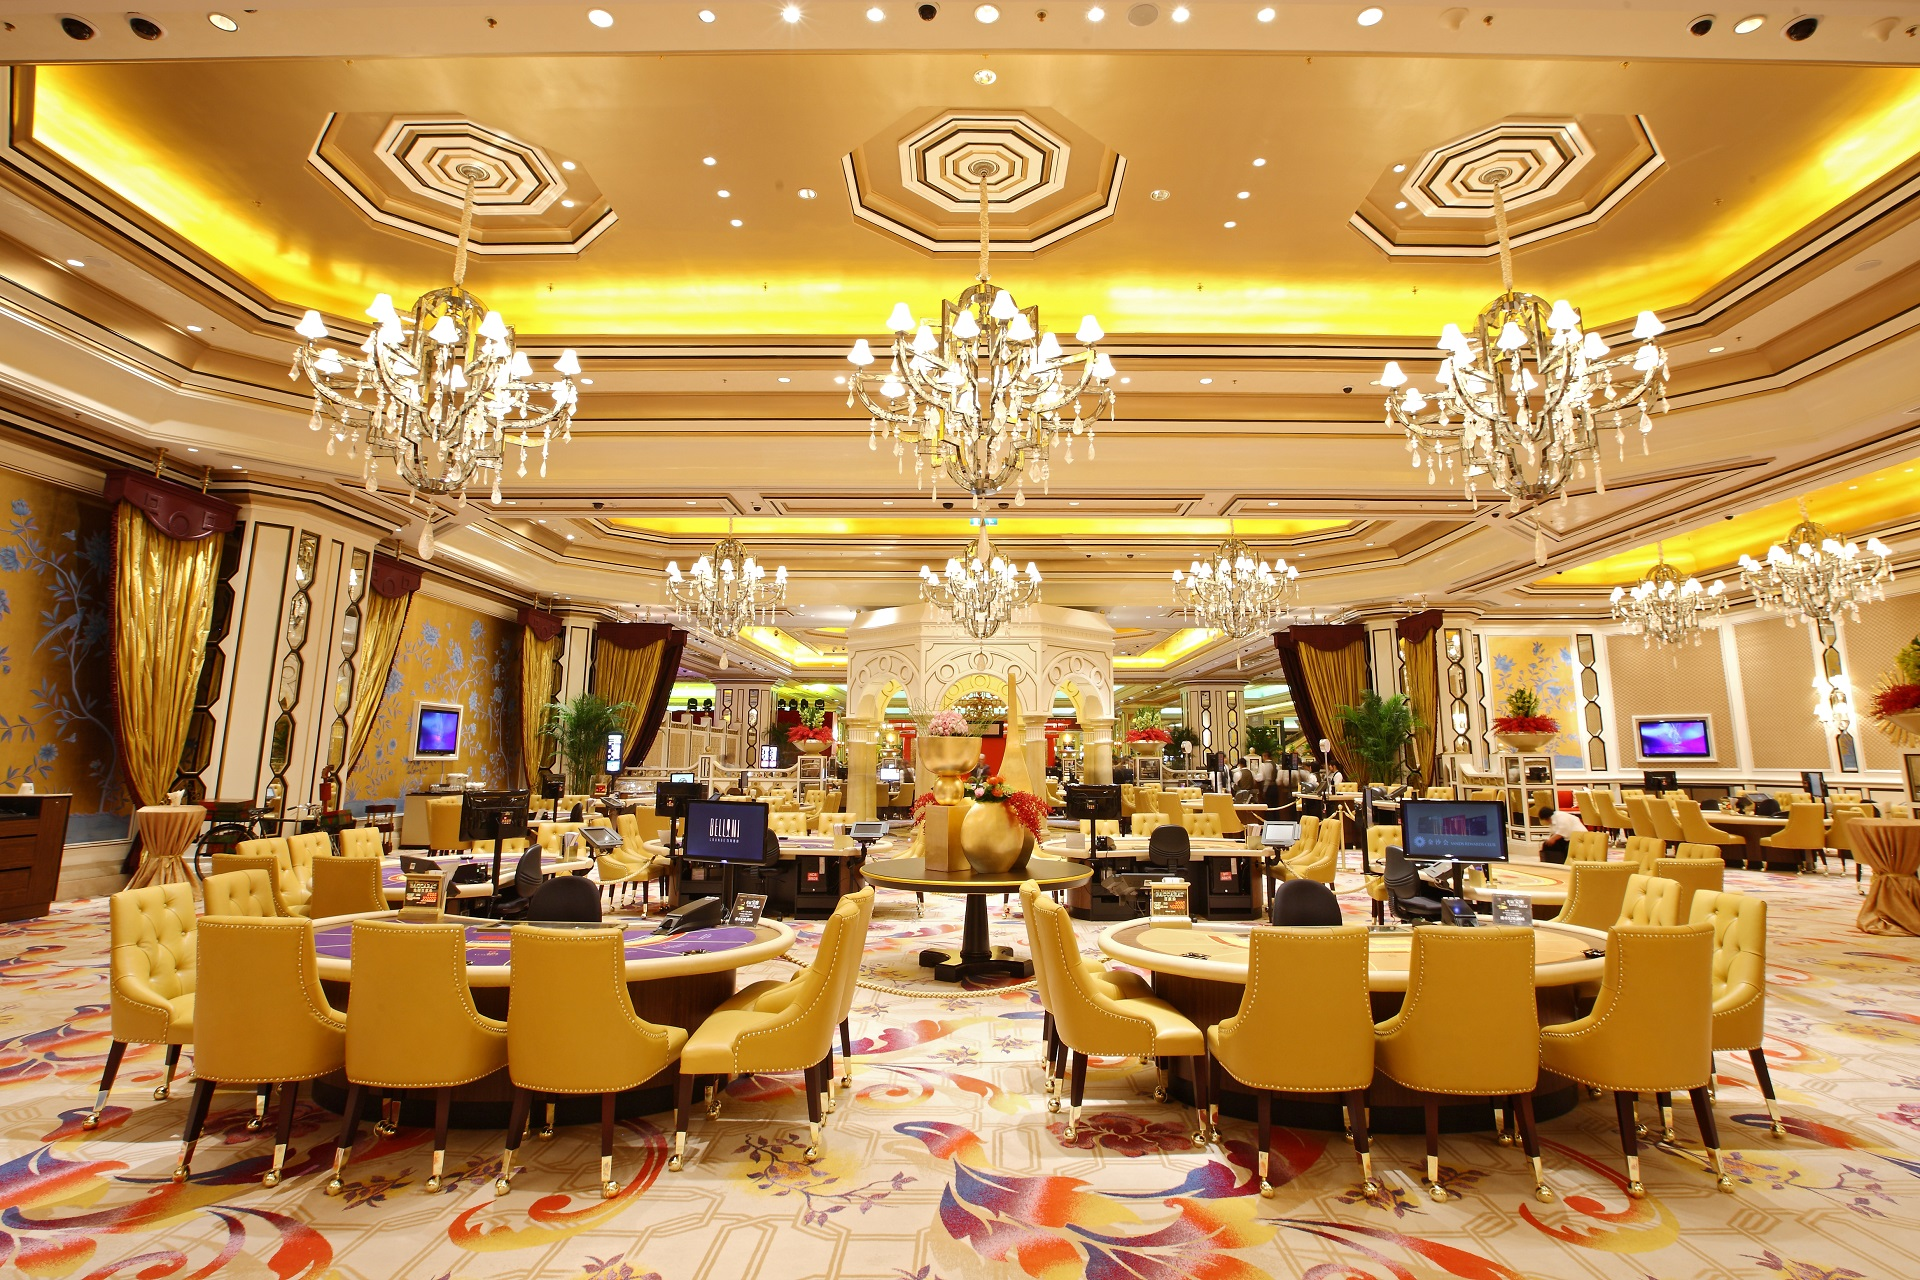 High Quality Casino - 251148